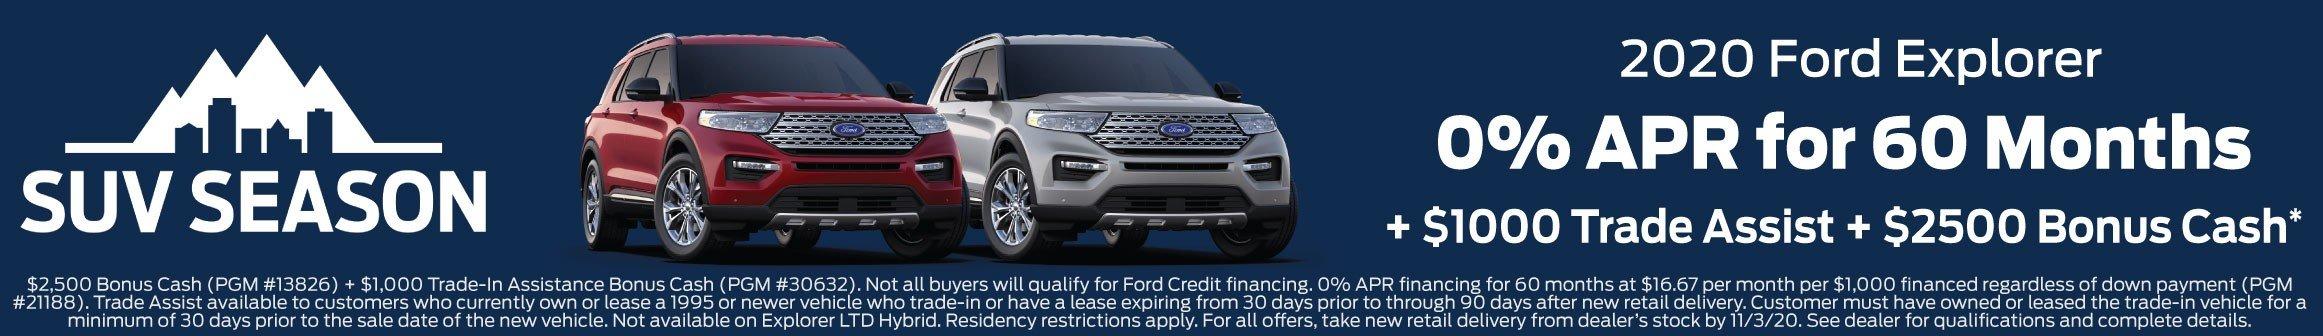 Ford Explorer Offer 11-3-2020